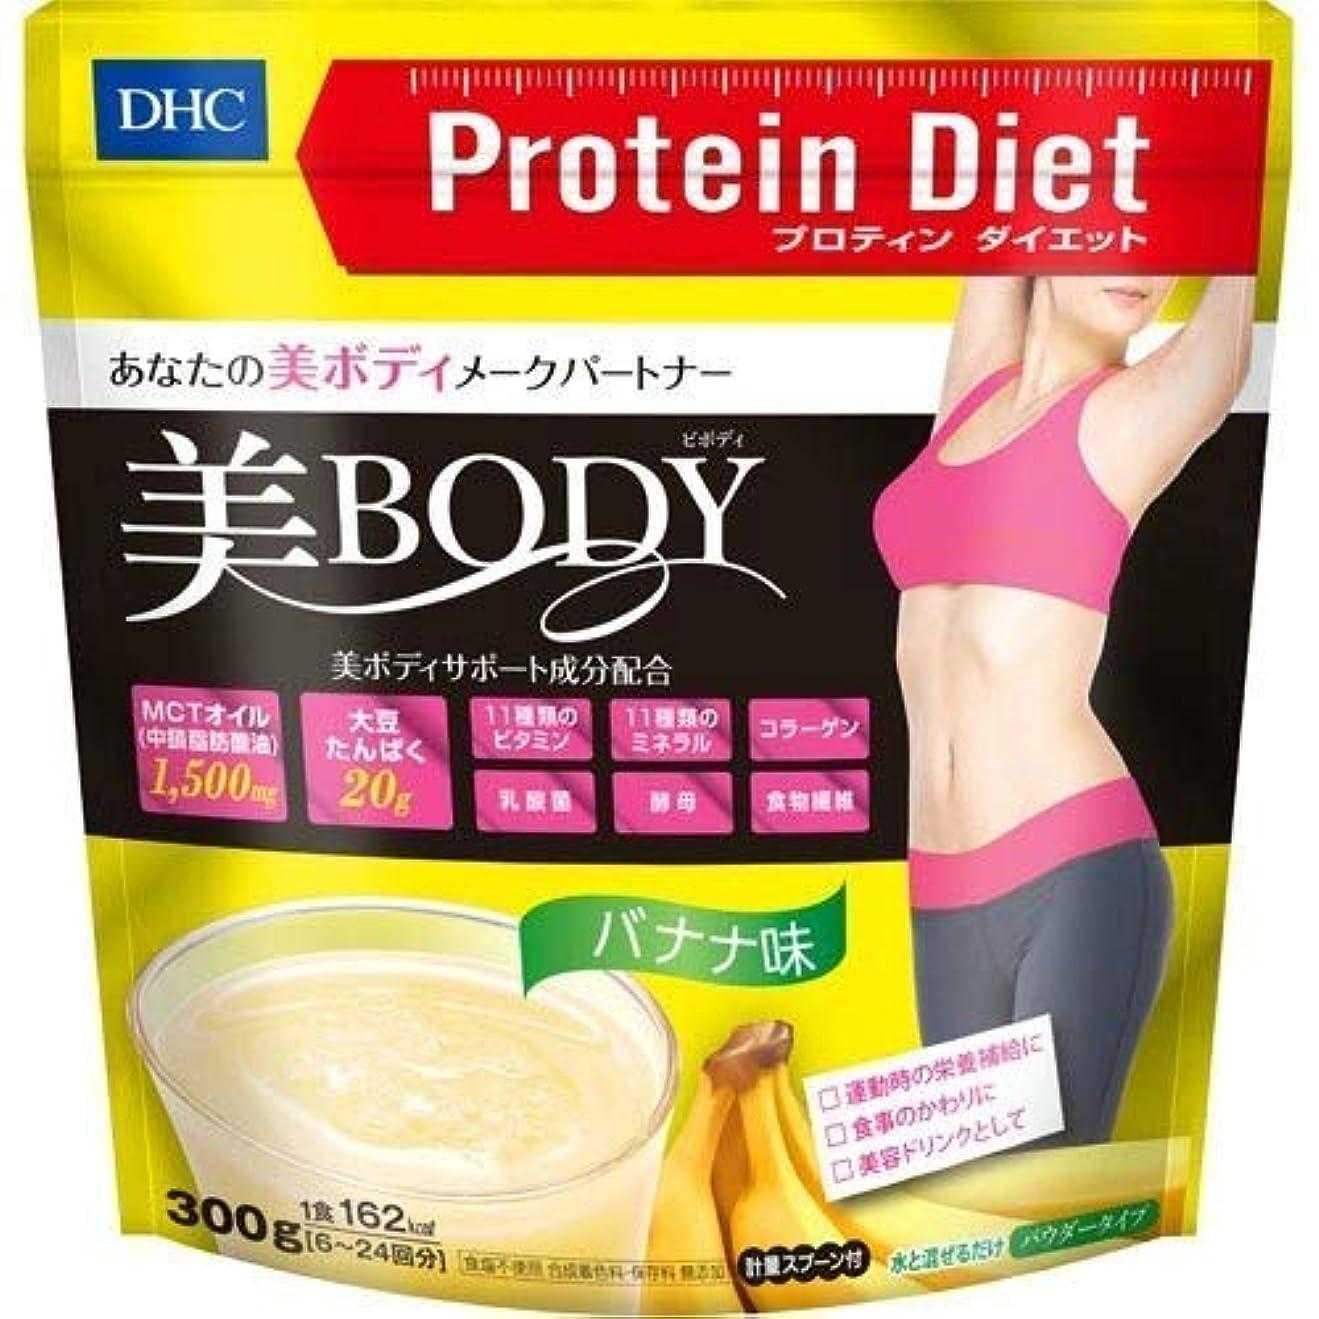 かごヘクタールサークルDHC プロテインダイエット 美Body バナナ味 300g × 3個セット